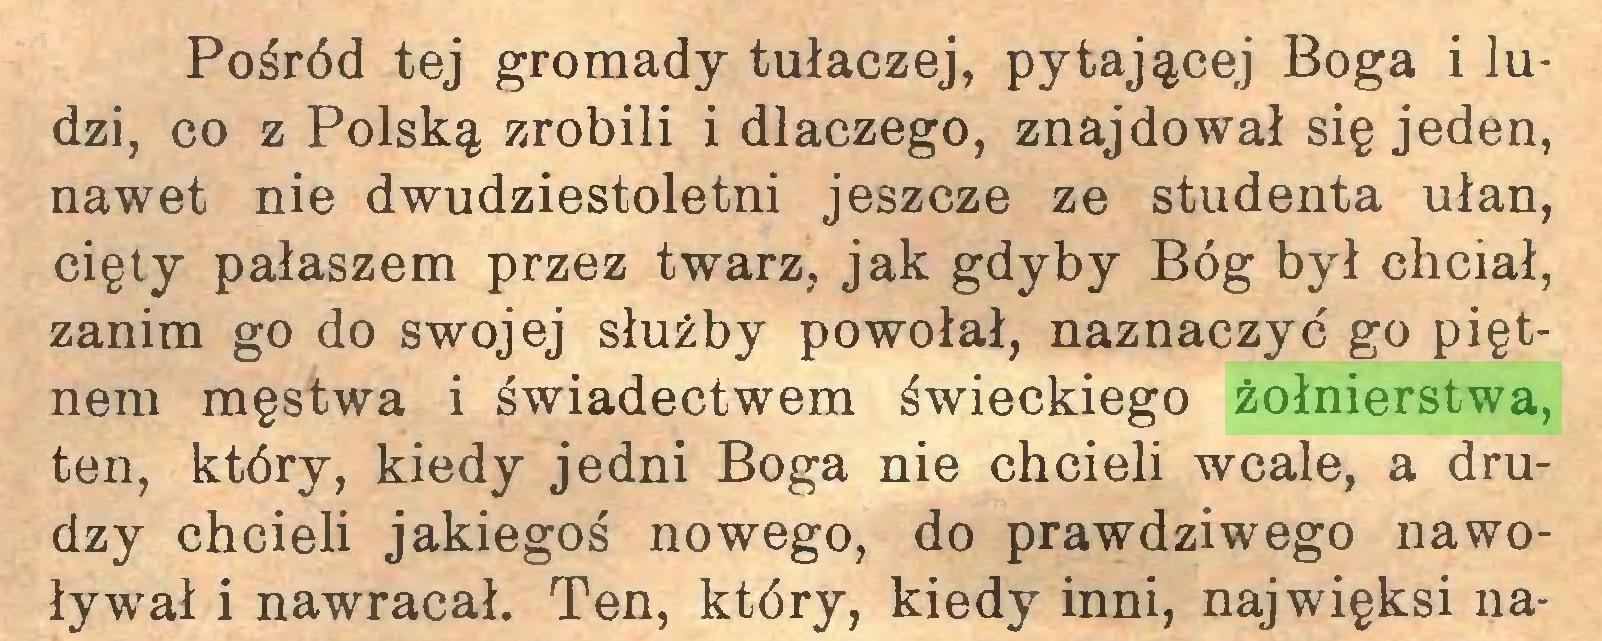 (...) Pośród tej gromady tułaczej, pytającej Boga i ludzi, co z Polską zrobili i dlaczego, znajdował się jeden, nawet nie dwudziestoletni jeszcze ze studenta ułan, cięty pałaszem przez twarz, jak gdyby Bóg był chciał, zanim go do swojej służby powołał, naznaczyć go piętnem męstwa i świadectwem świeckiego żołnierstwa, ten, który, kiedy jedni Boga nie chcieli wcale, a drudzy chcieli jakiegoś nowego, do prawdziwego nawoływał i nawracał. Ten, który, kiedy inni, najwięksi na...